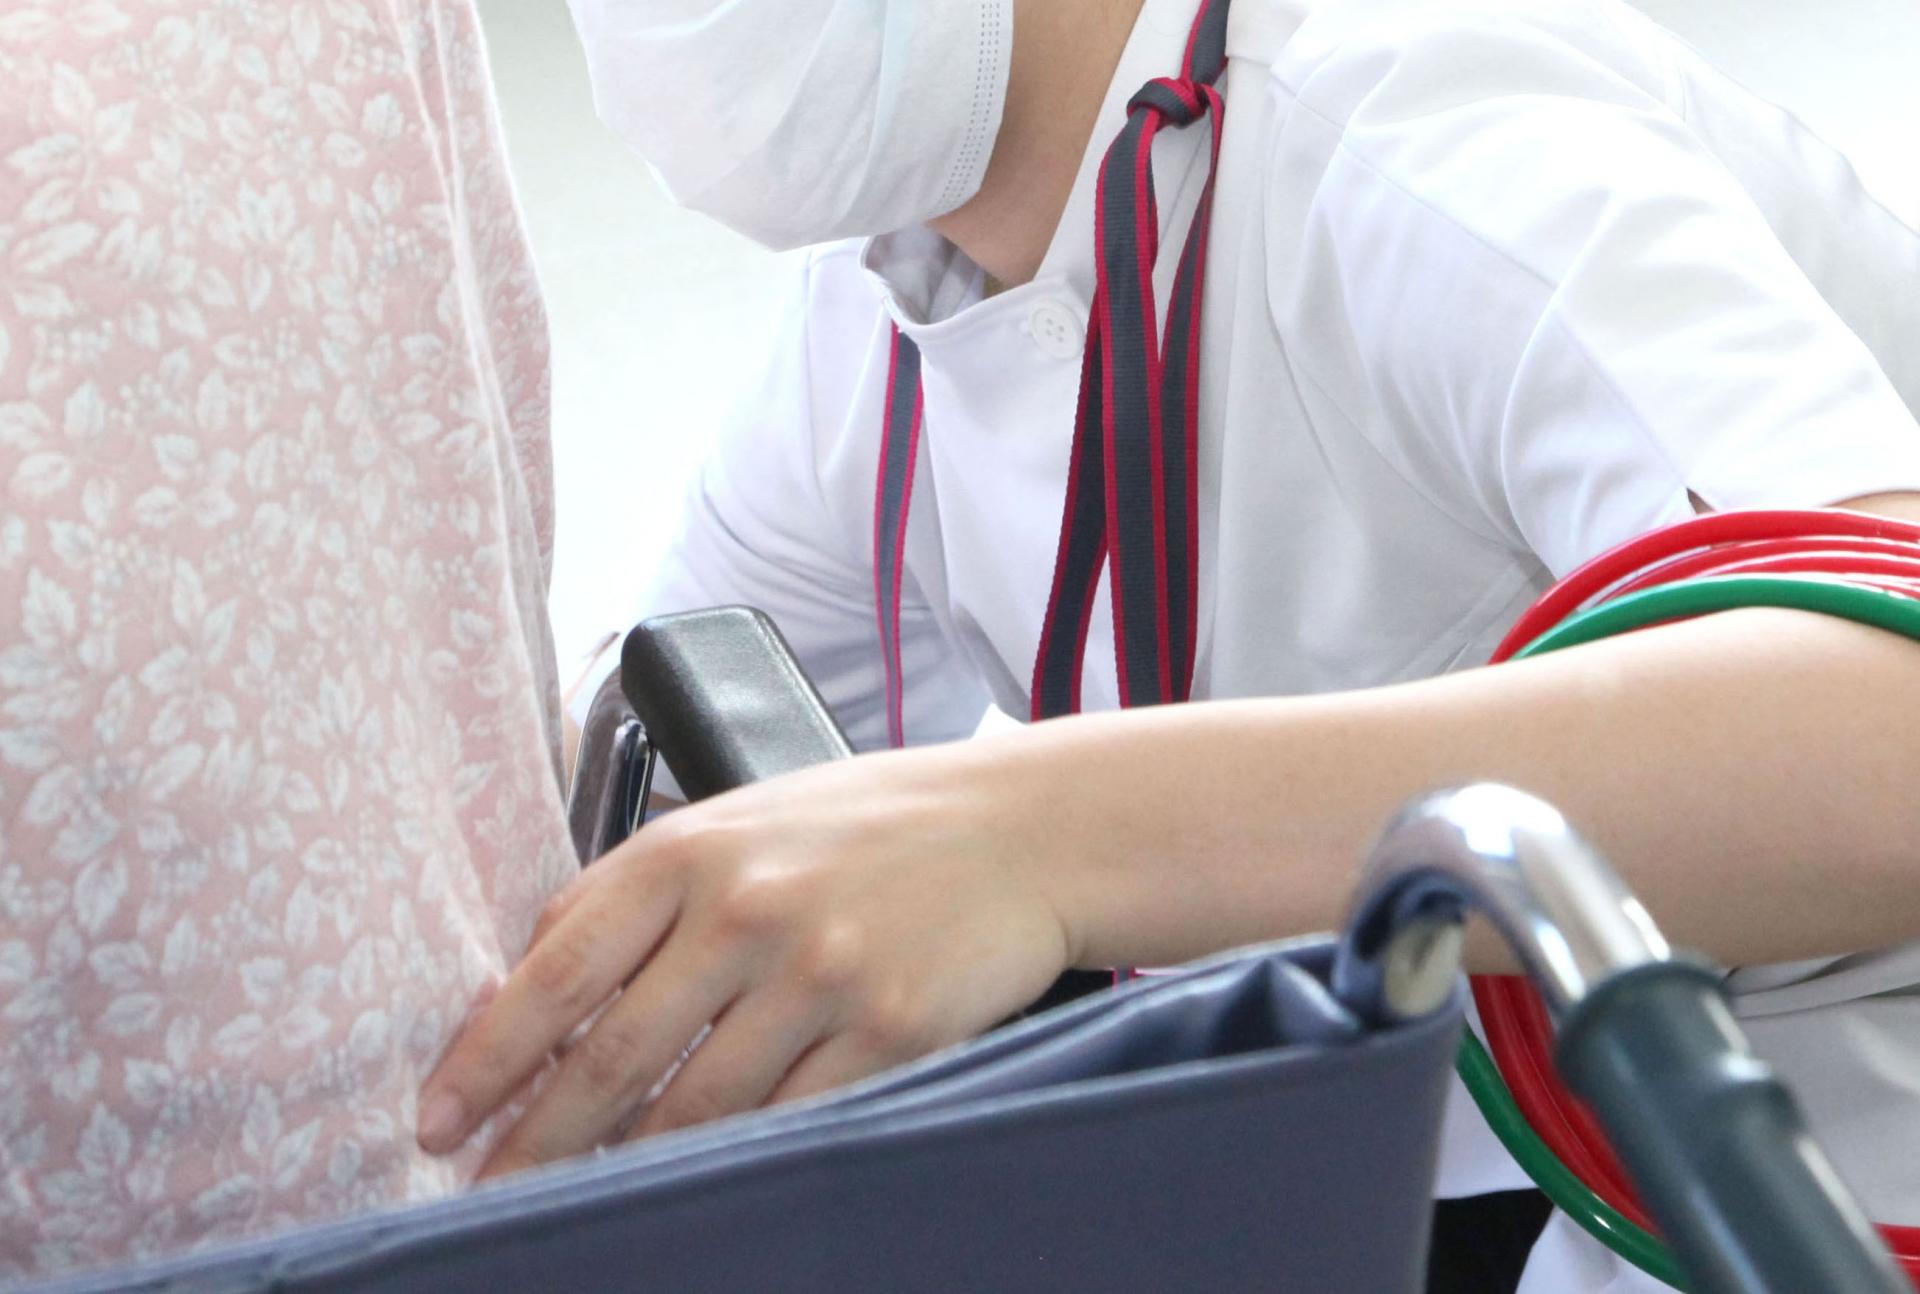 理学療法士と作業療法士って何が違うの?